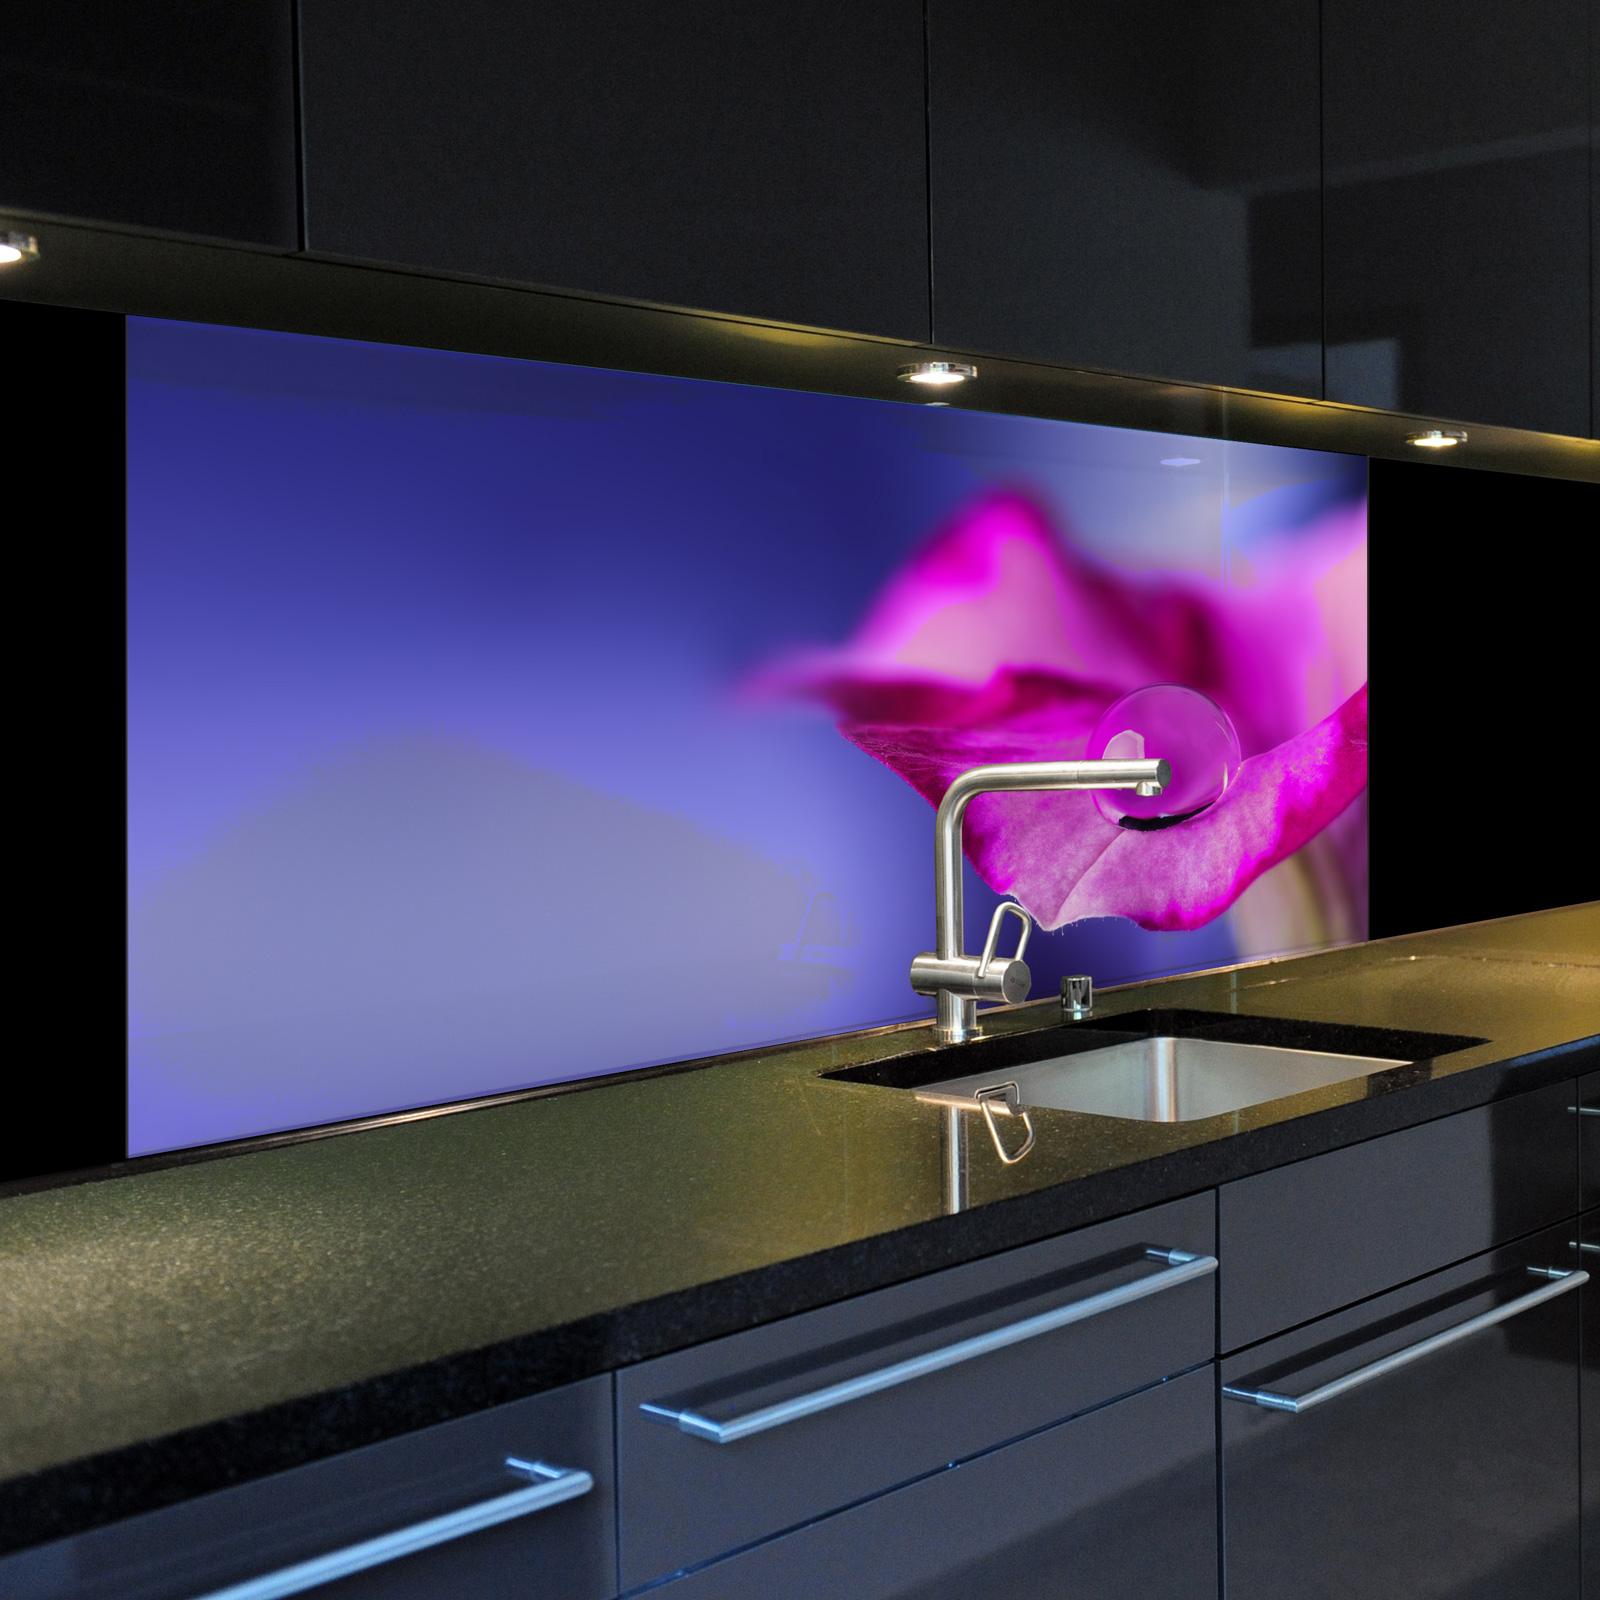 spritzschutzwand aus glas 1019 1 gb motiv regentropfen f r ihre k che oder bild ebay. Black Bedroom Furniture Sets. Home Design Ideas